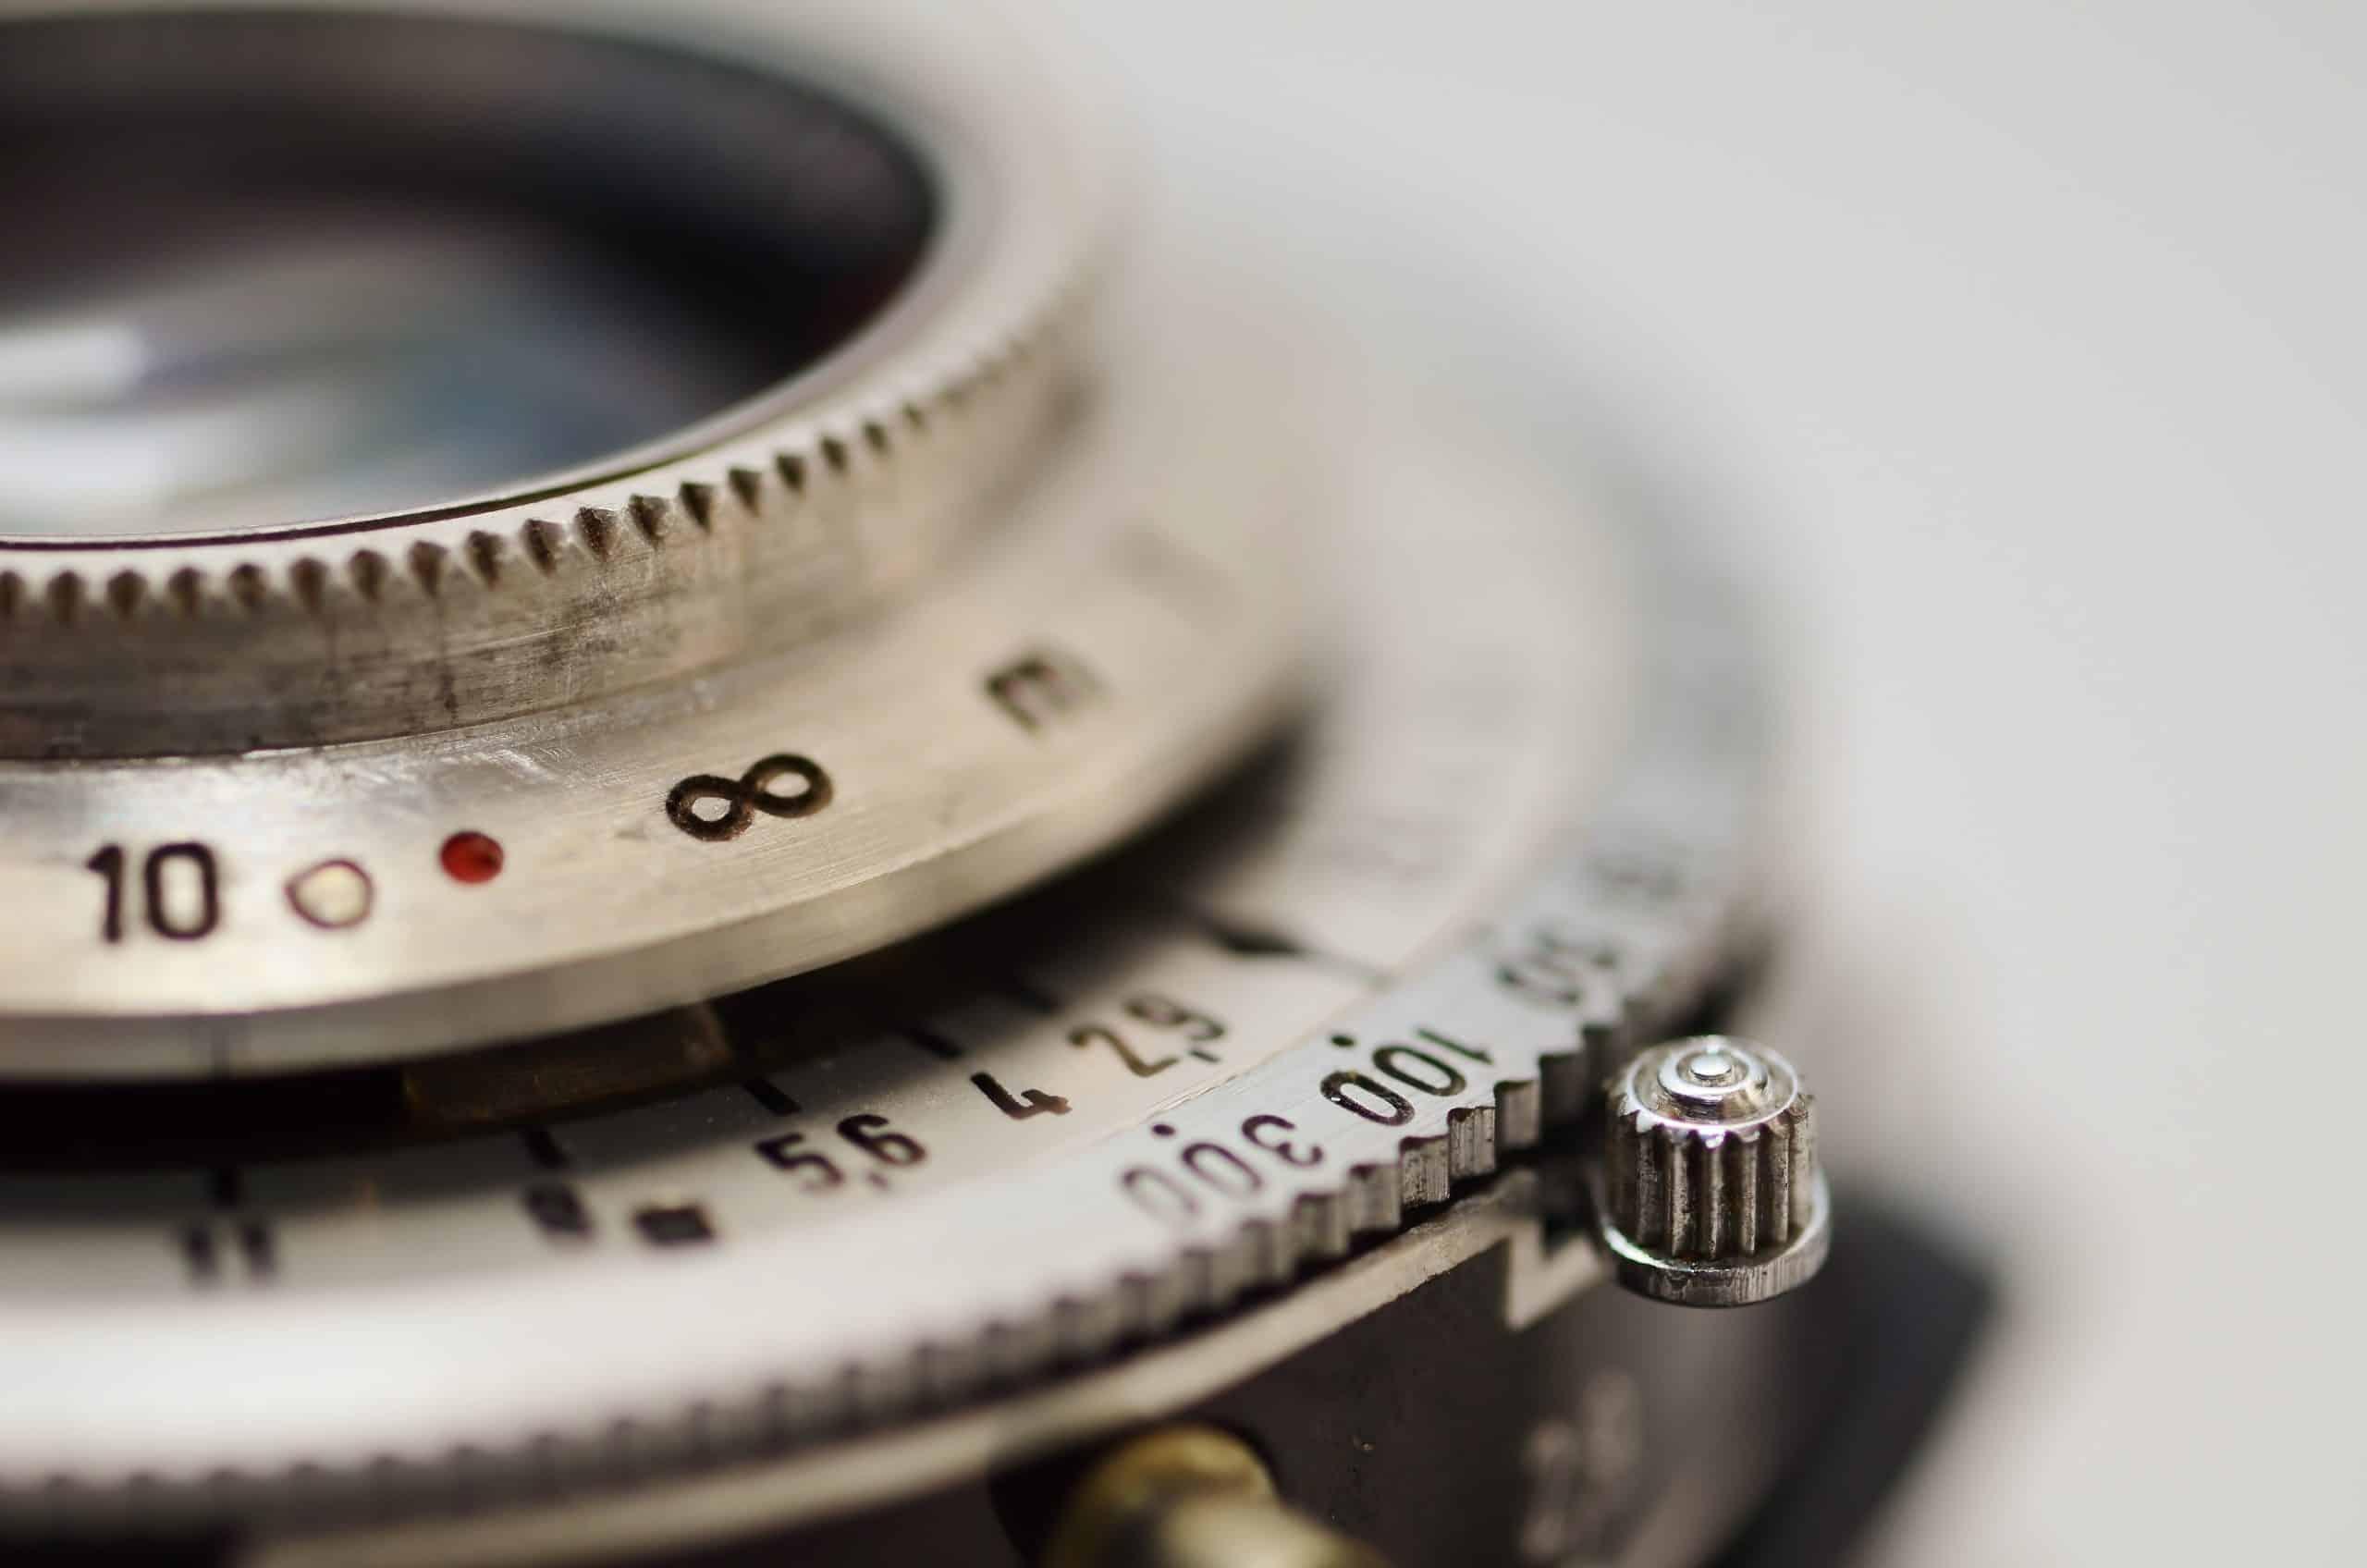 camera-vintage-lens-old-7344126